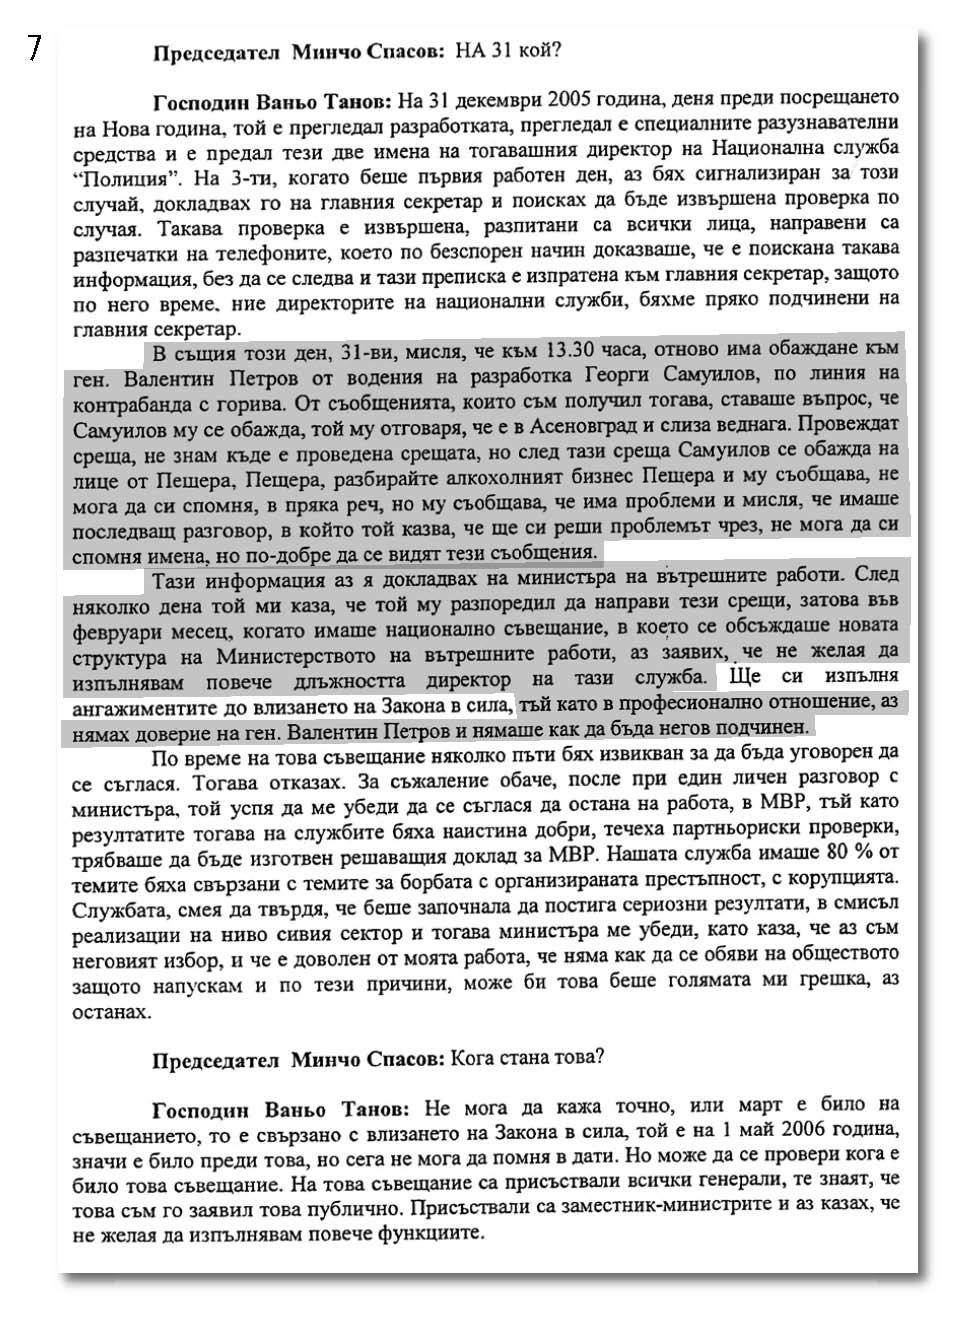 stenograma_page_07